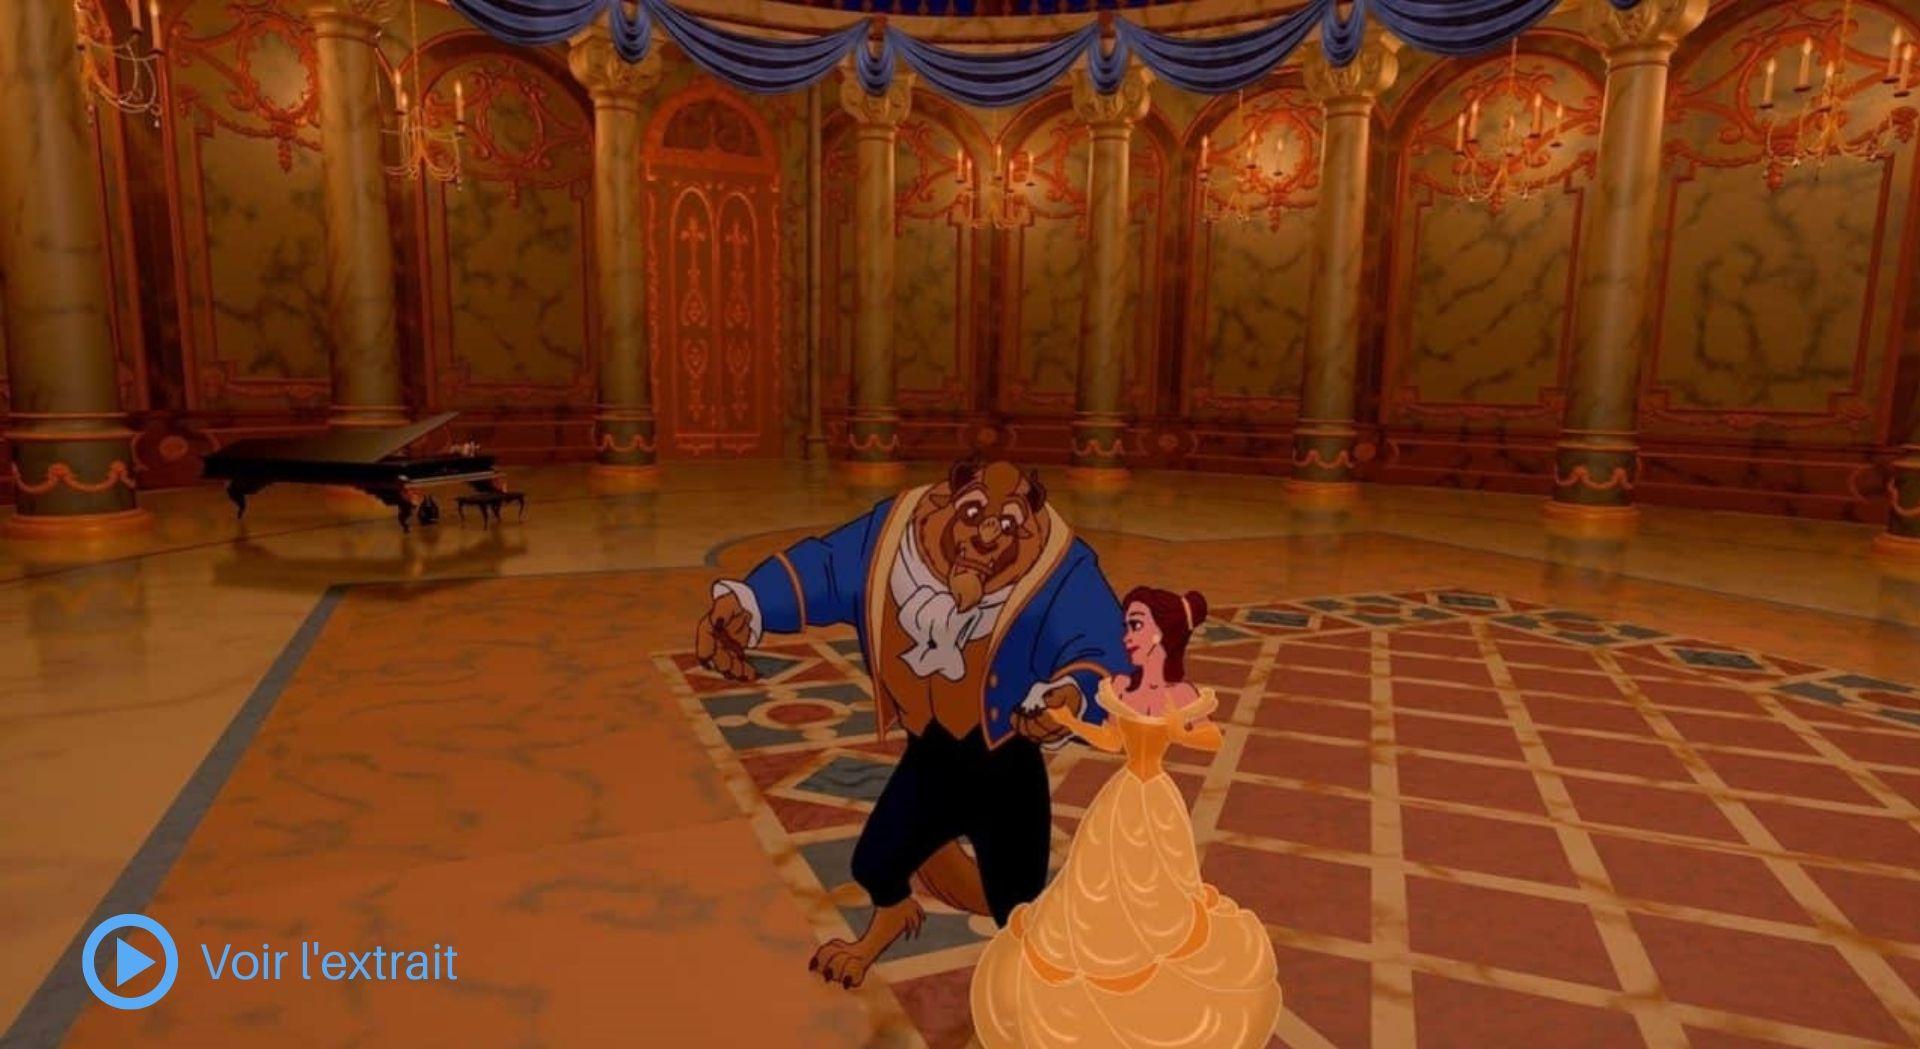 Cinéma d'animation et 3D - L'exemple de La belle et la bête